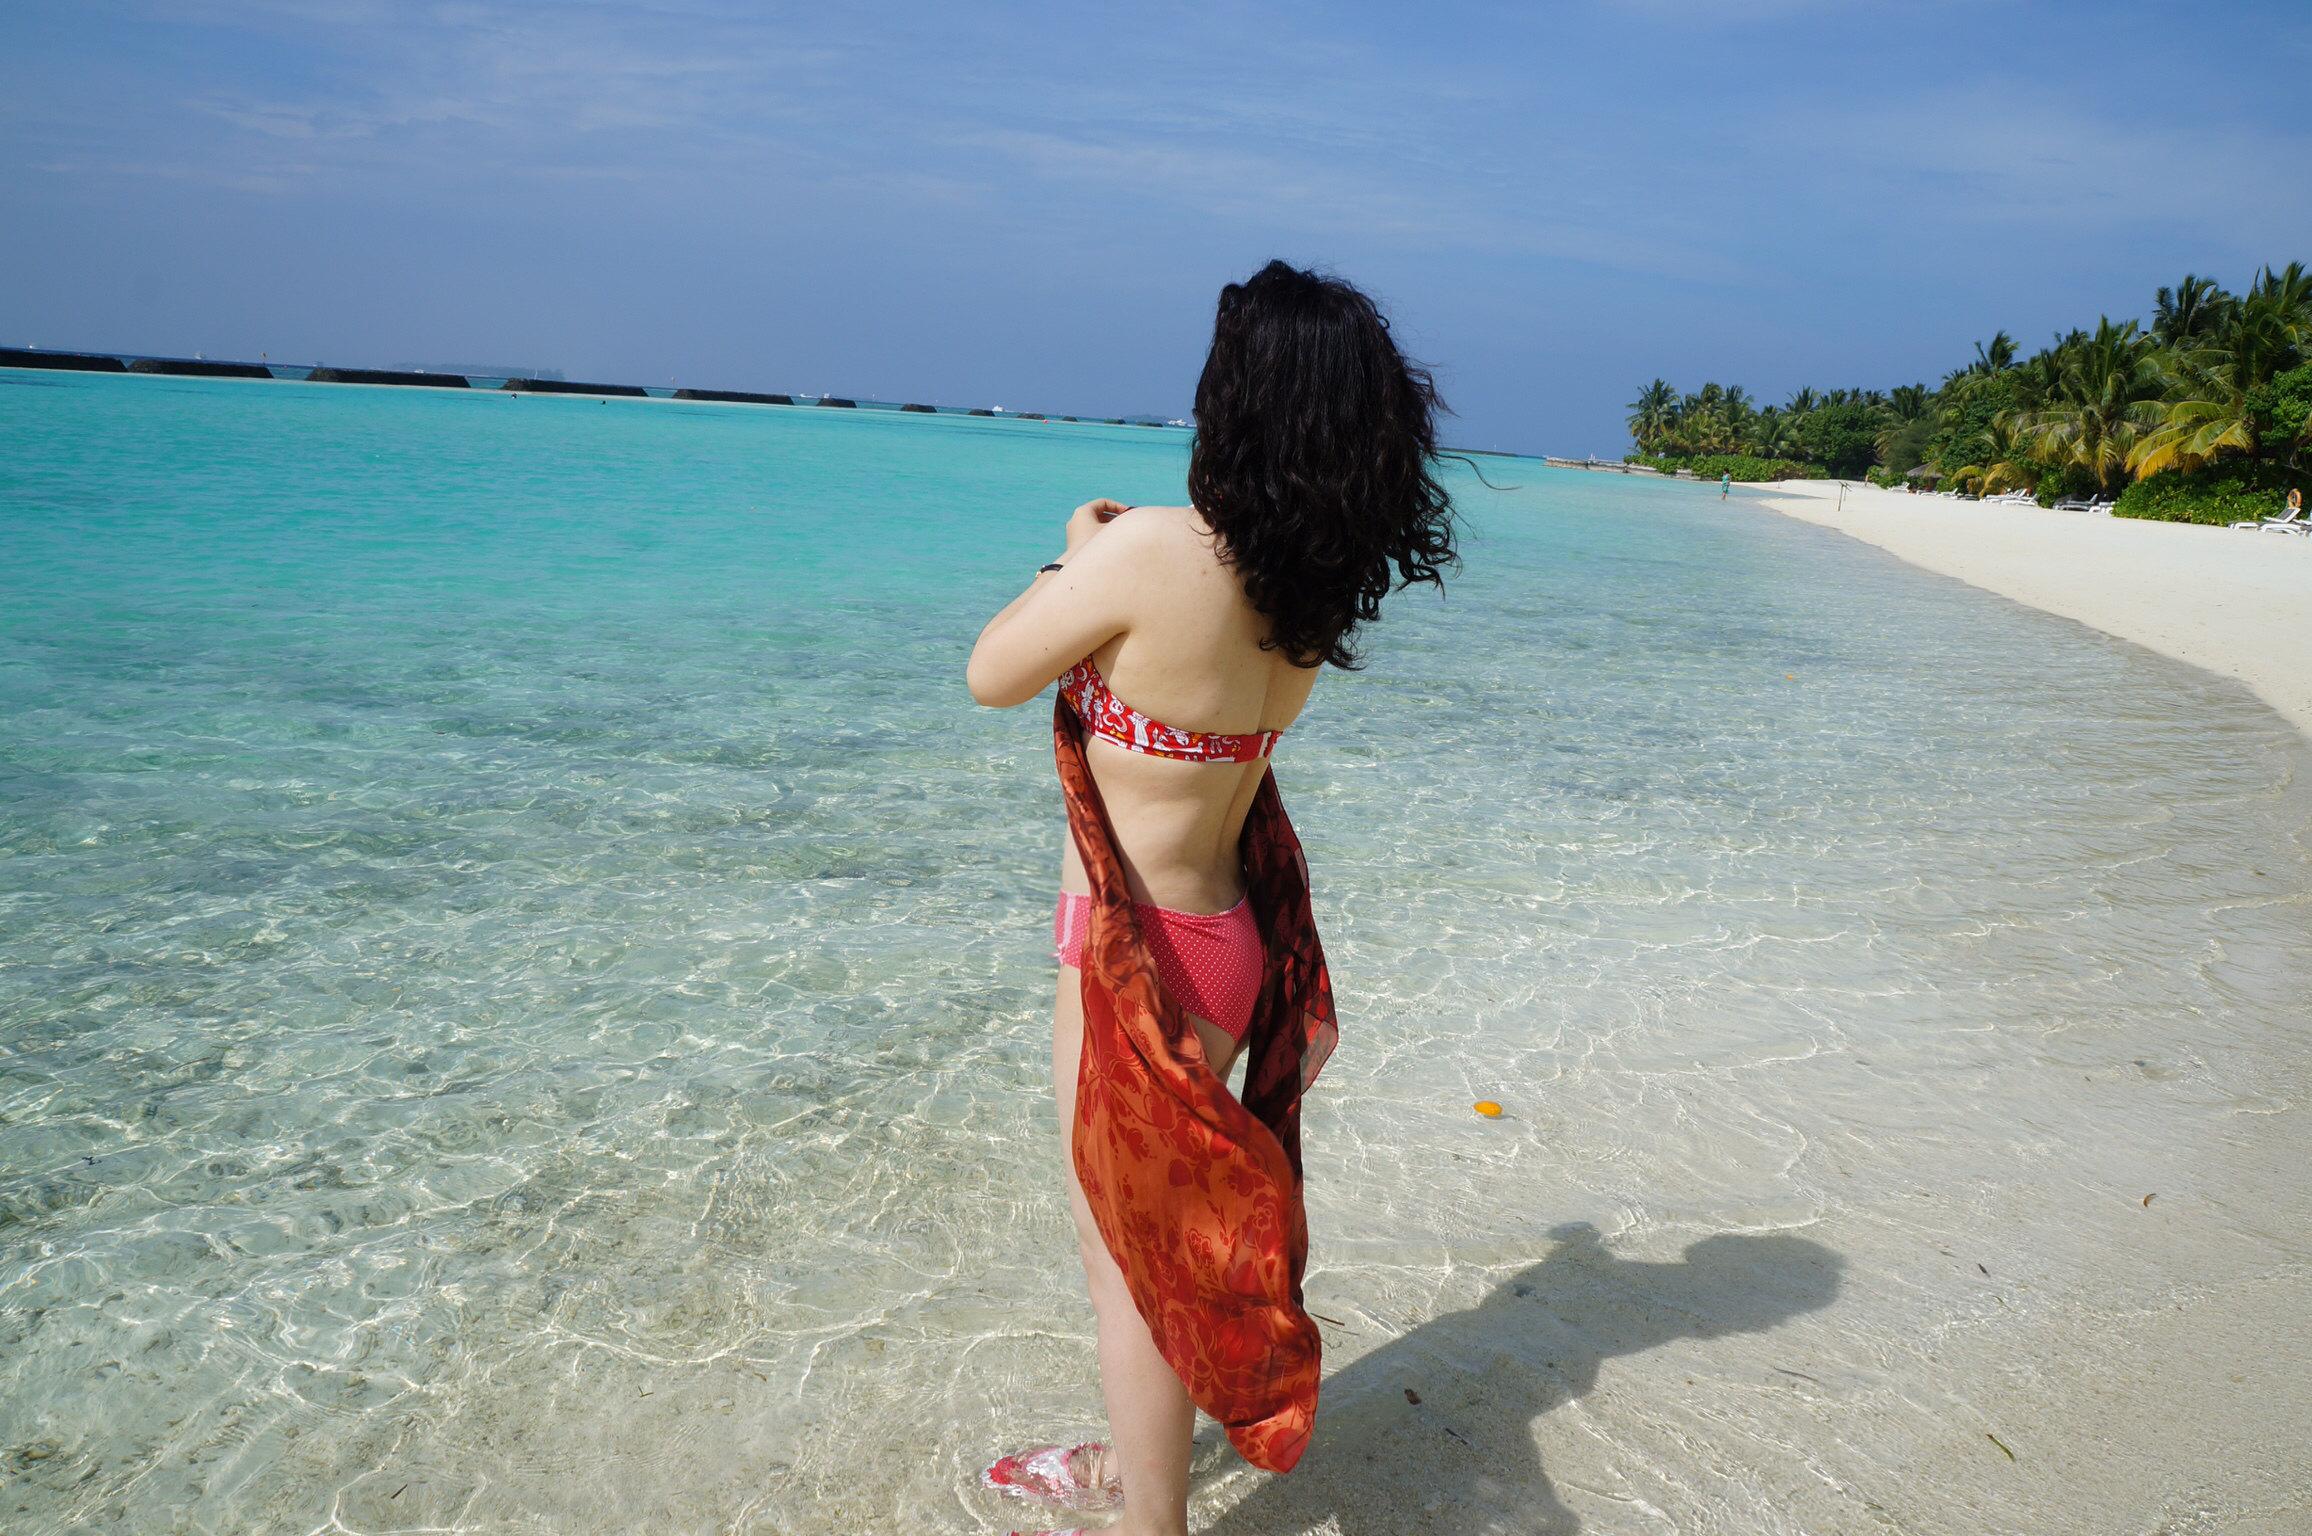 泰国度假穿衣打扮男